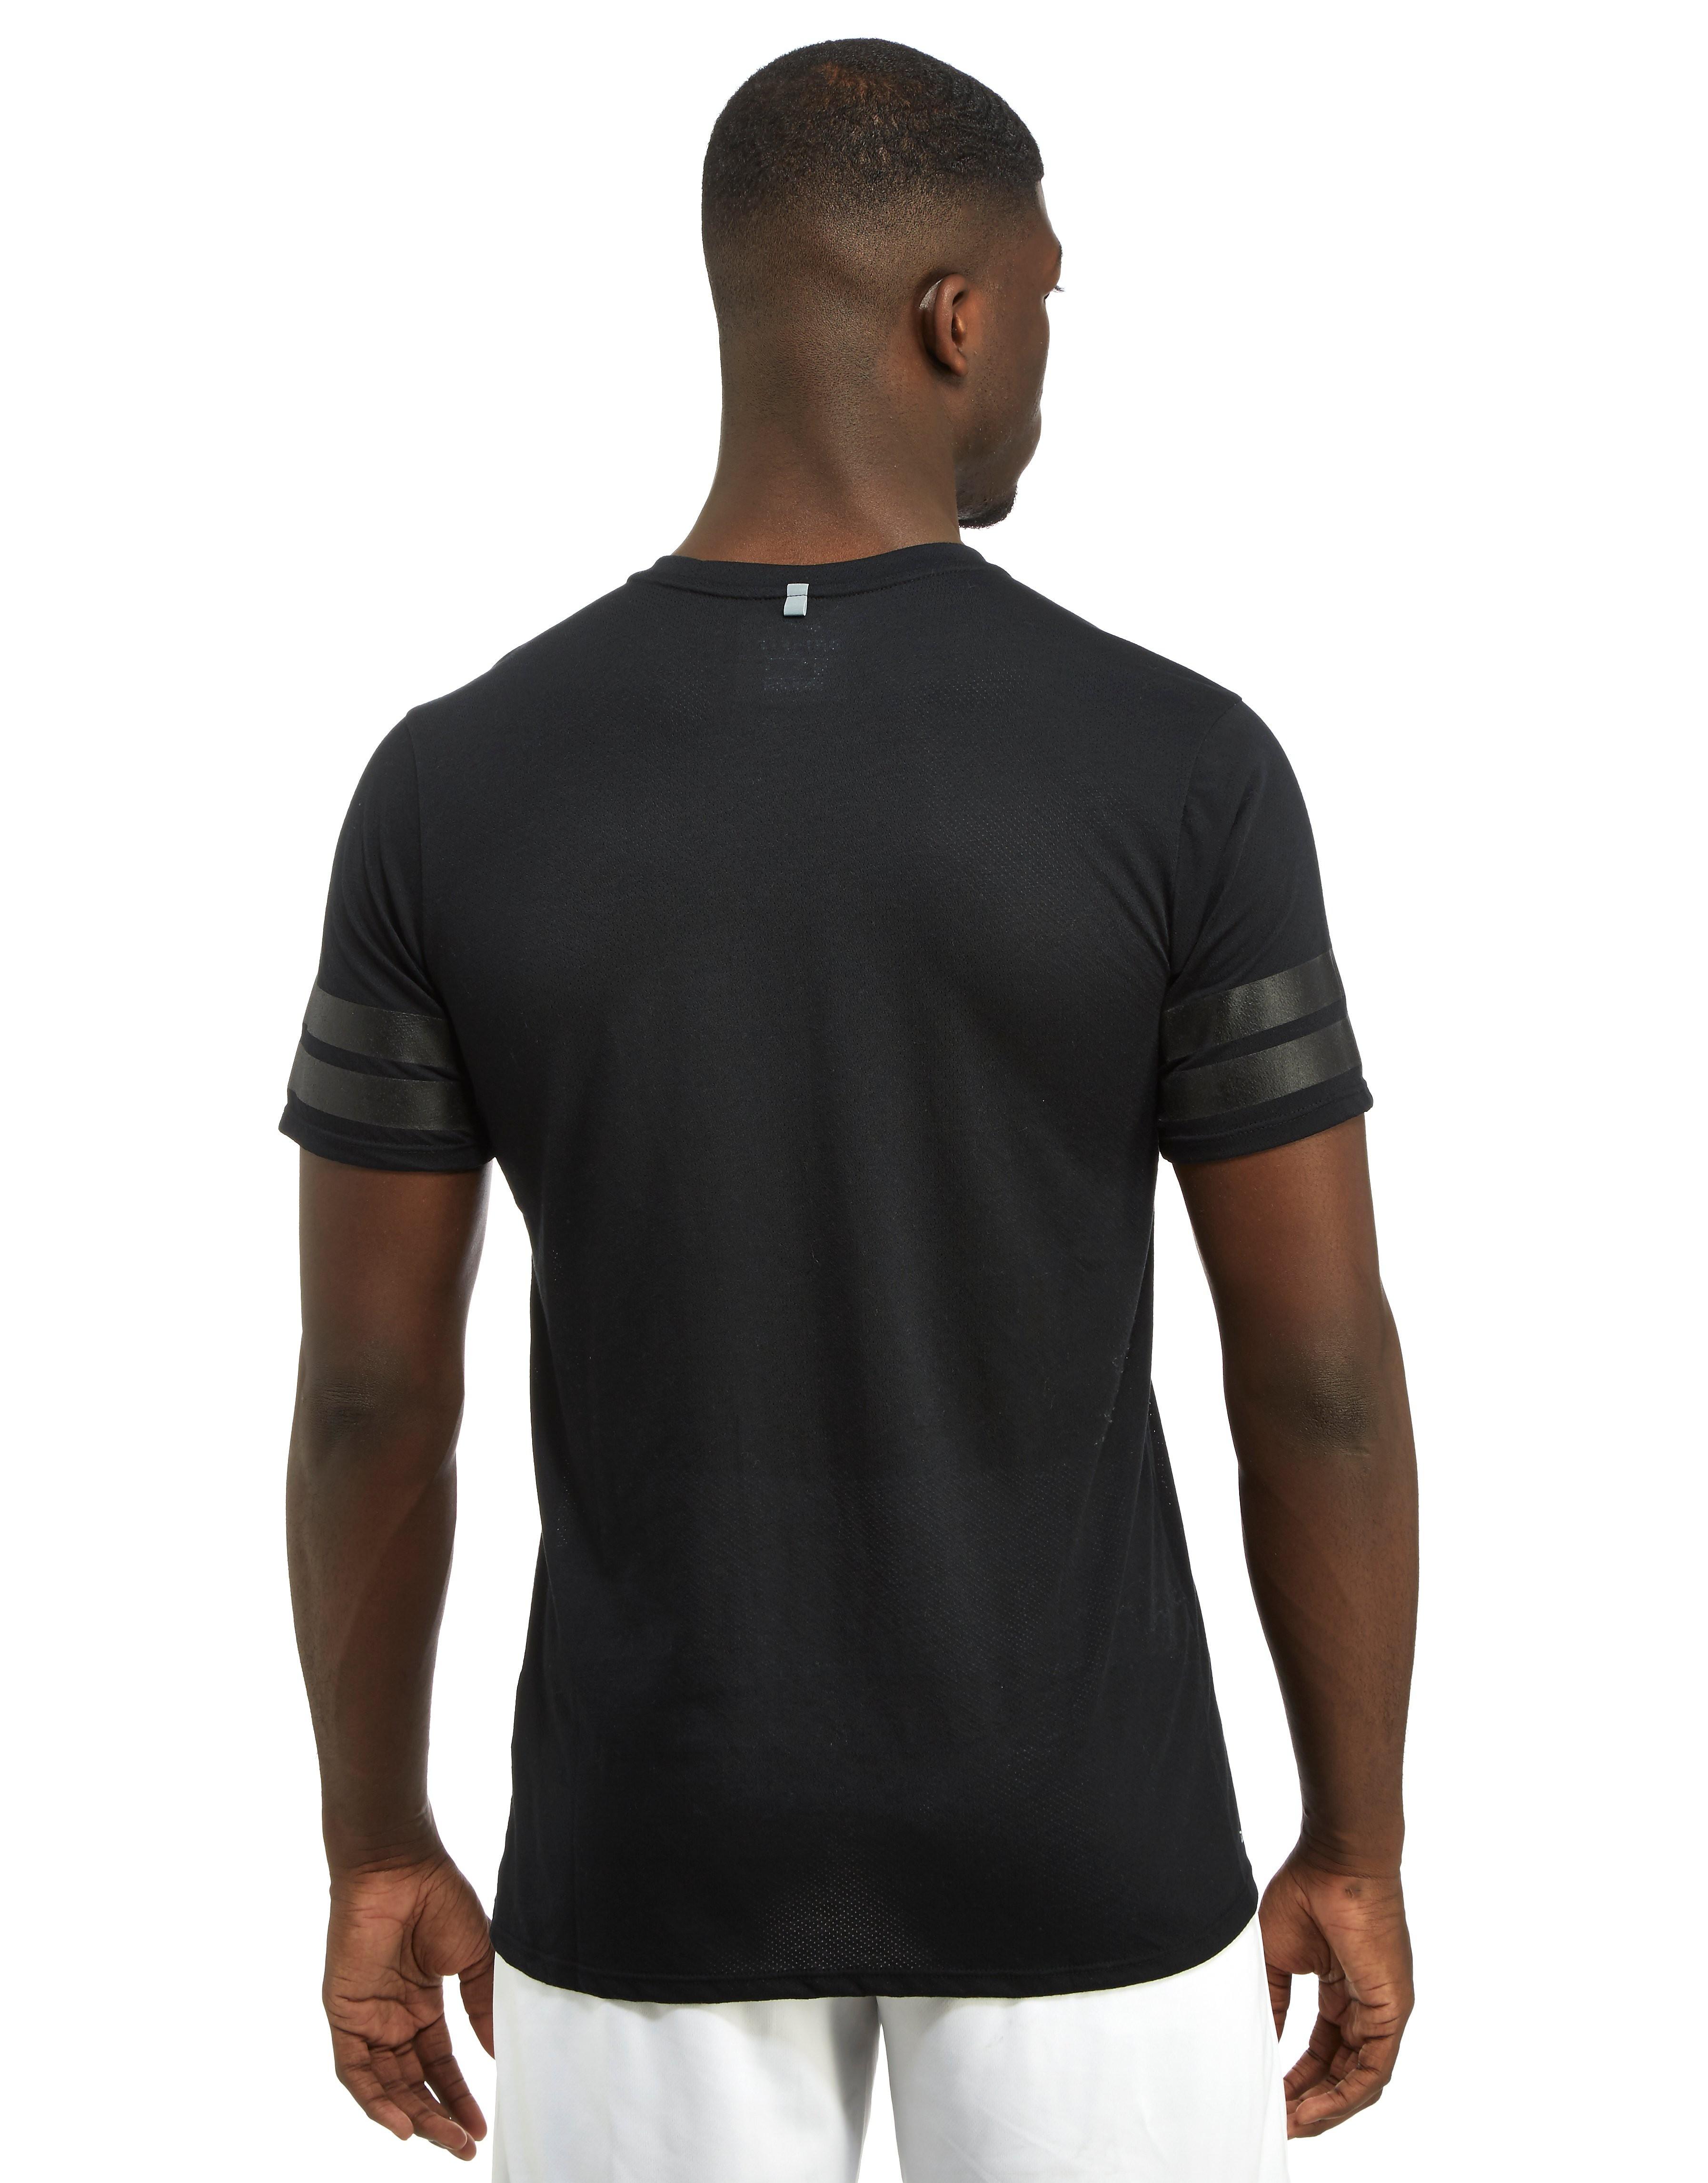 Nike Dry Short Sleeve T-Shirt